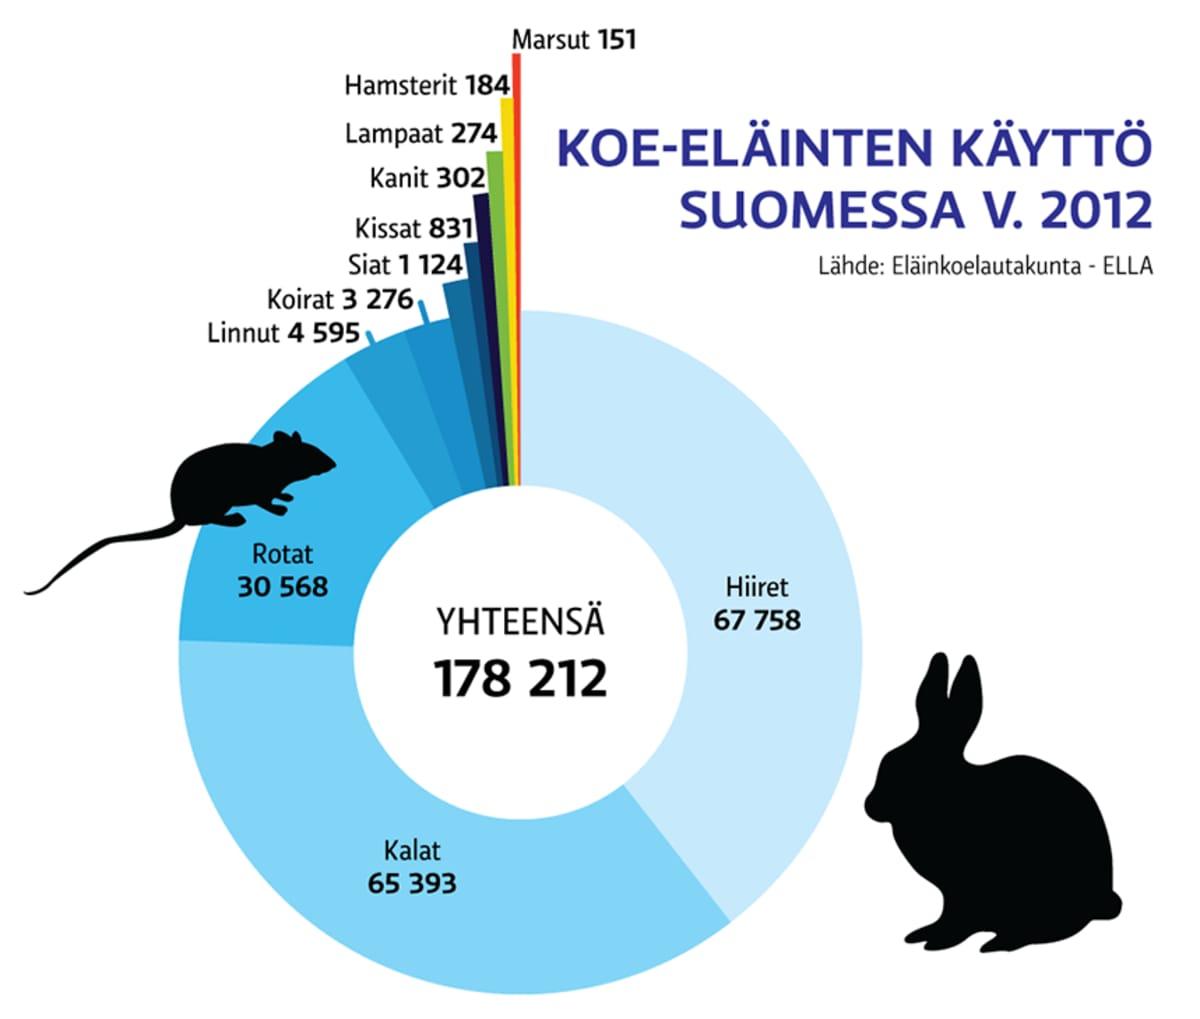 Grafiikka koskien koe-eläinten käyttöä eläinkokeissa Suomessa vuonna 2012.